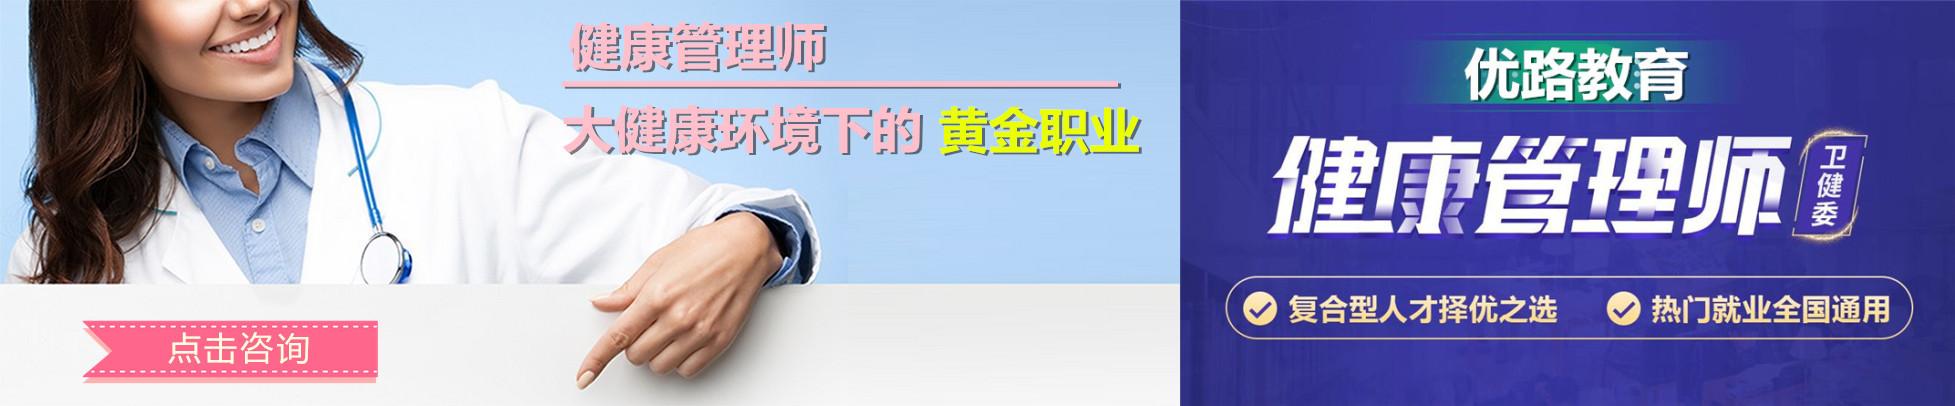 黑龙江健康管理师培训学校